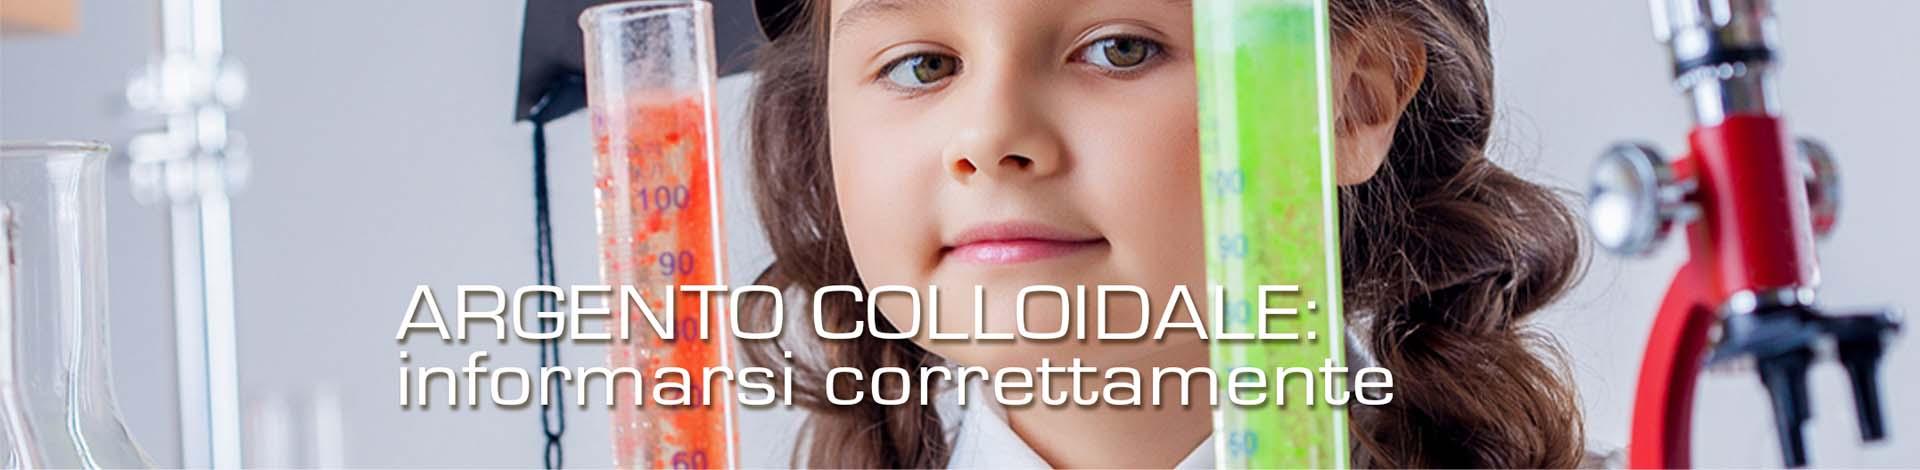 banner informazioni argento colloidale